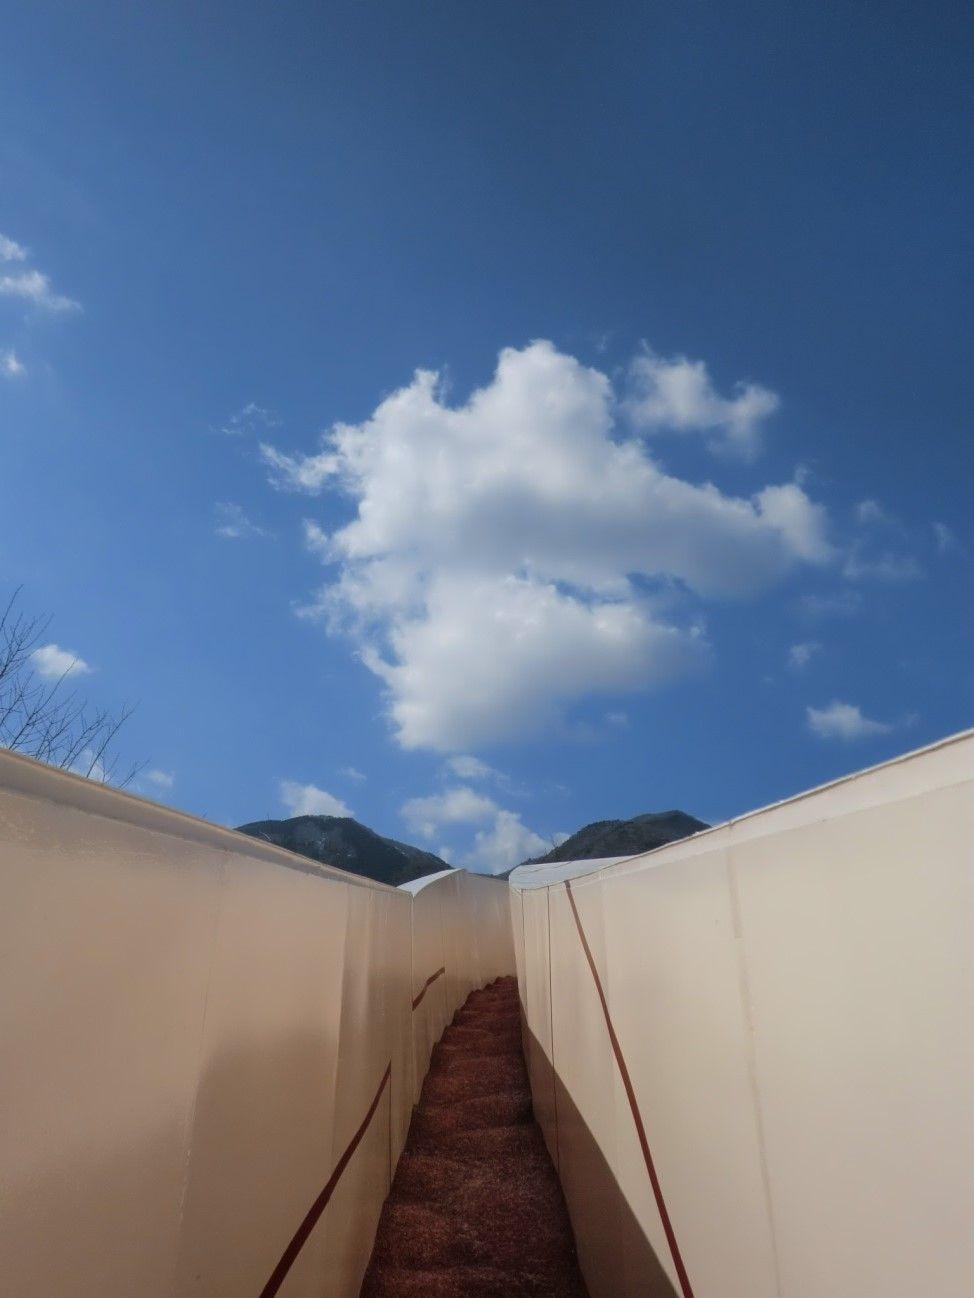 不思議な空間に迷い込む・非日常のアートの世界へ〜岐阜県養老郡 養老天命反転地〜